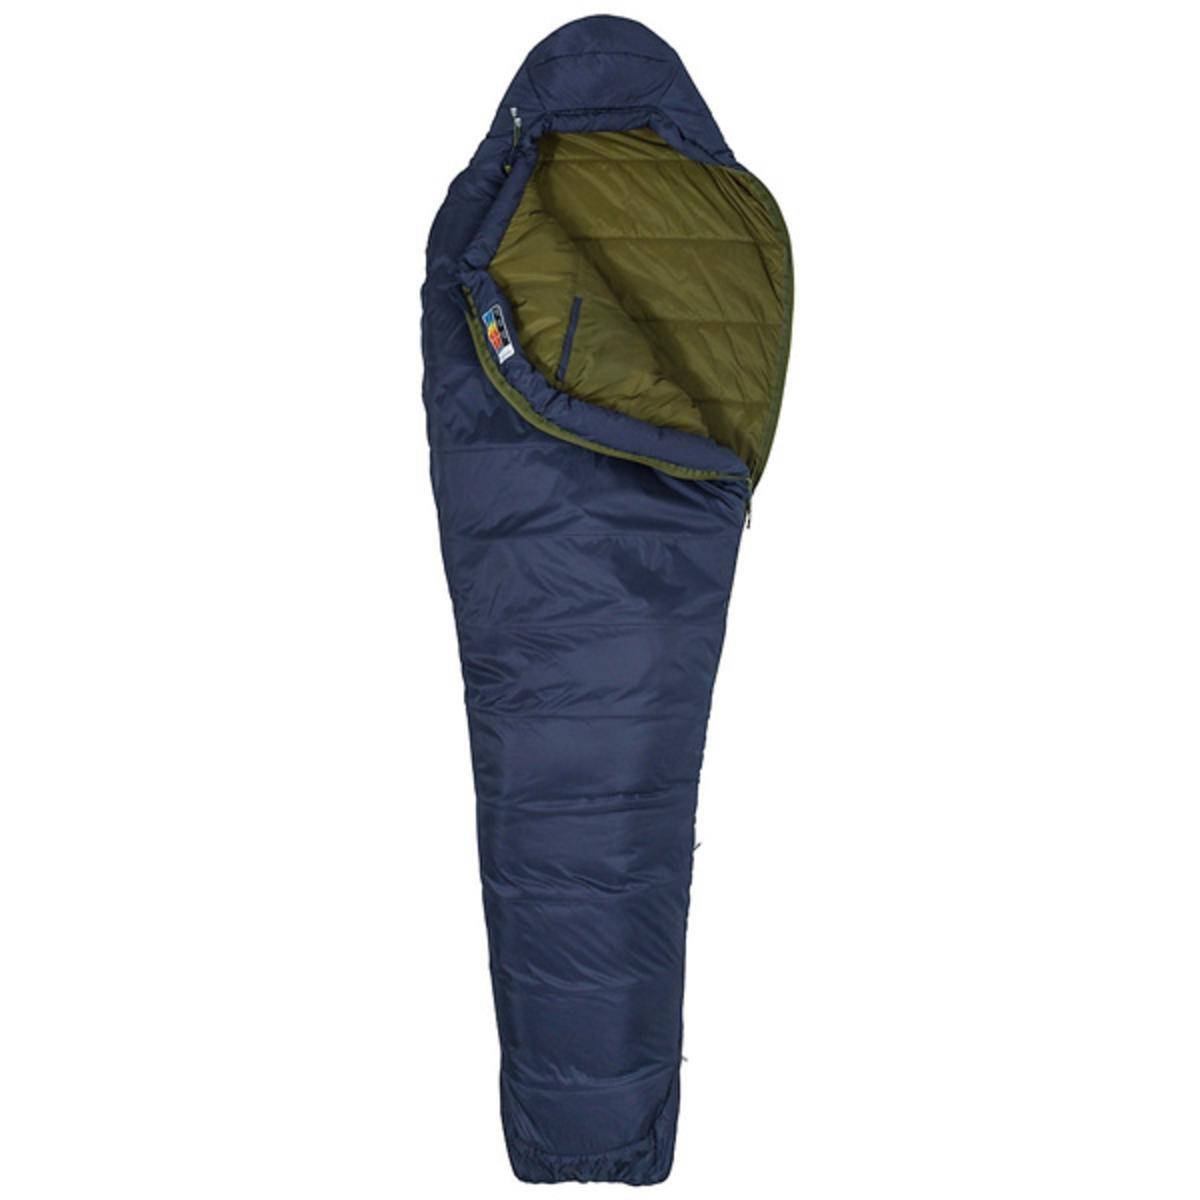 Marmot Ultra Elite 30 Saco de Dormir Mummy, Ultraligero, de Verano, para Acampar y Trekking, Hombres, Azul (Gris Dark Steel/Military Green), Largo-198 cm: ...